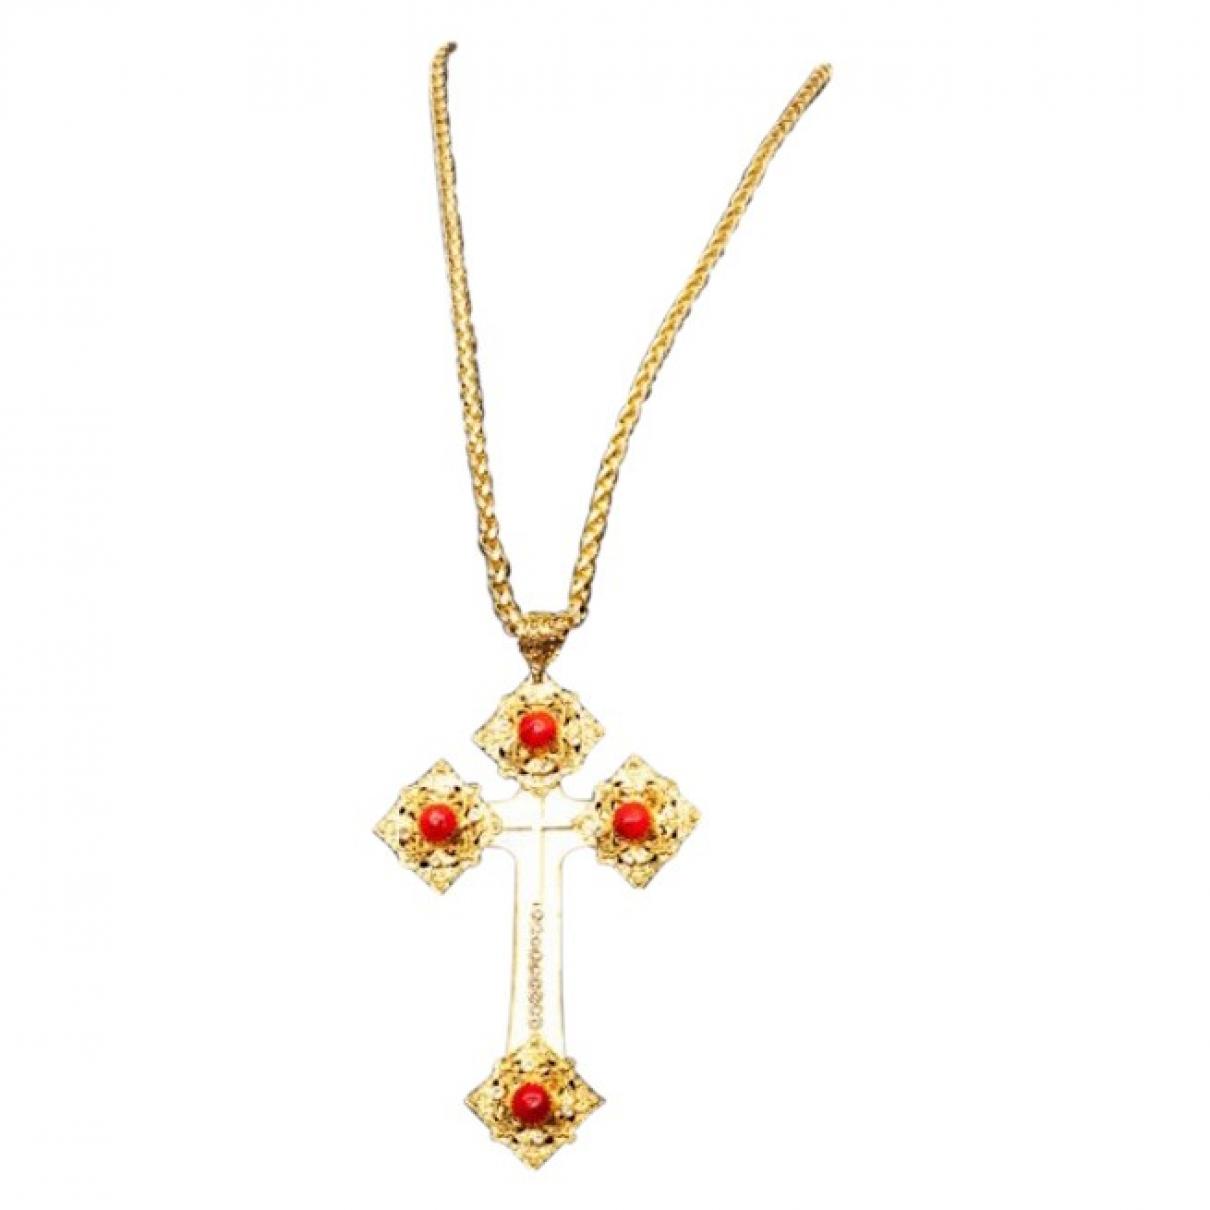 Collar Marguerite De Valois